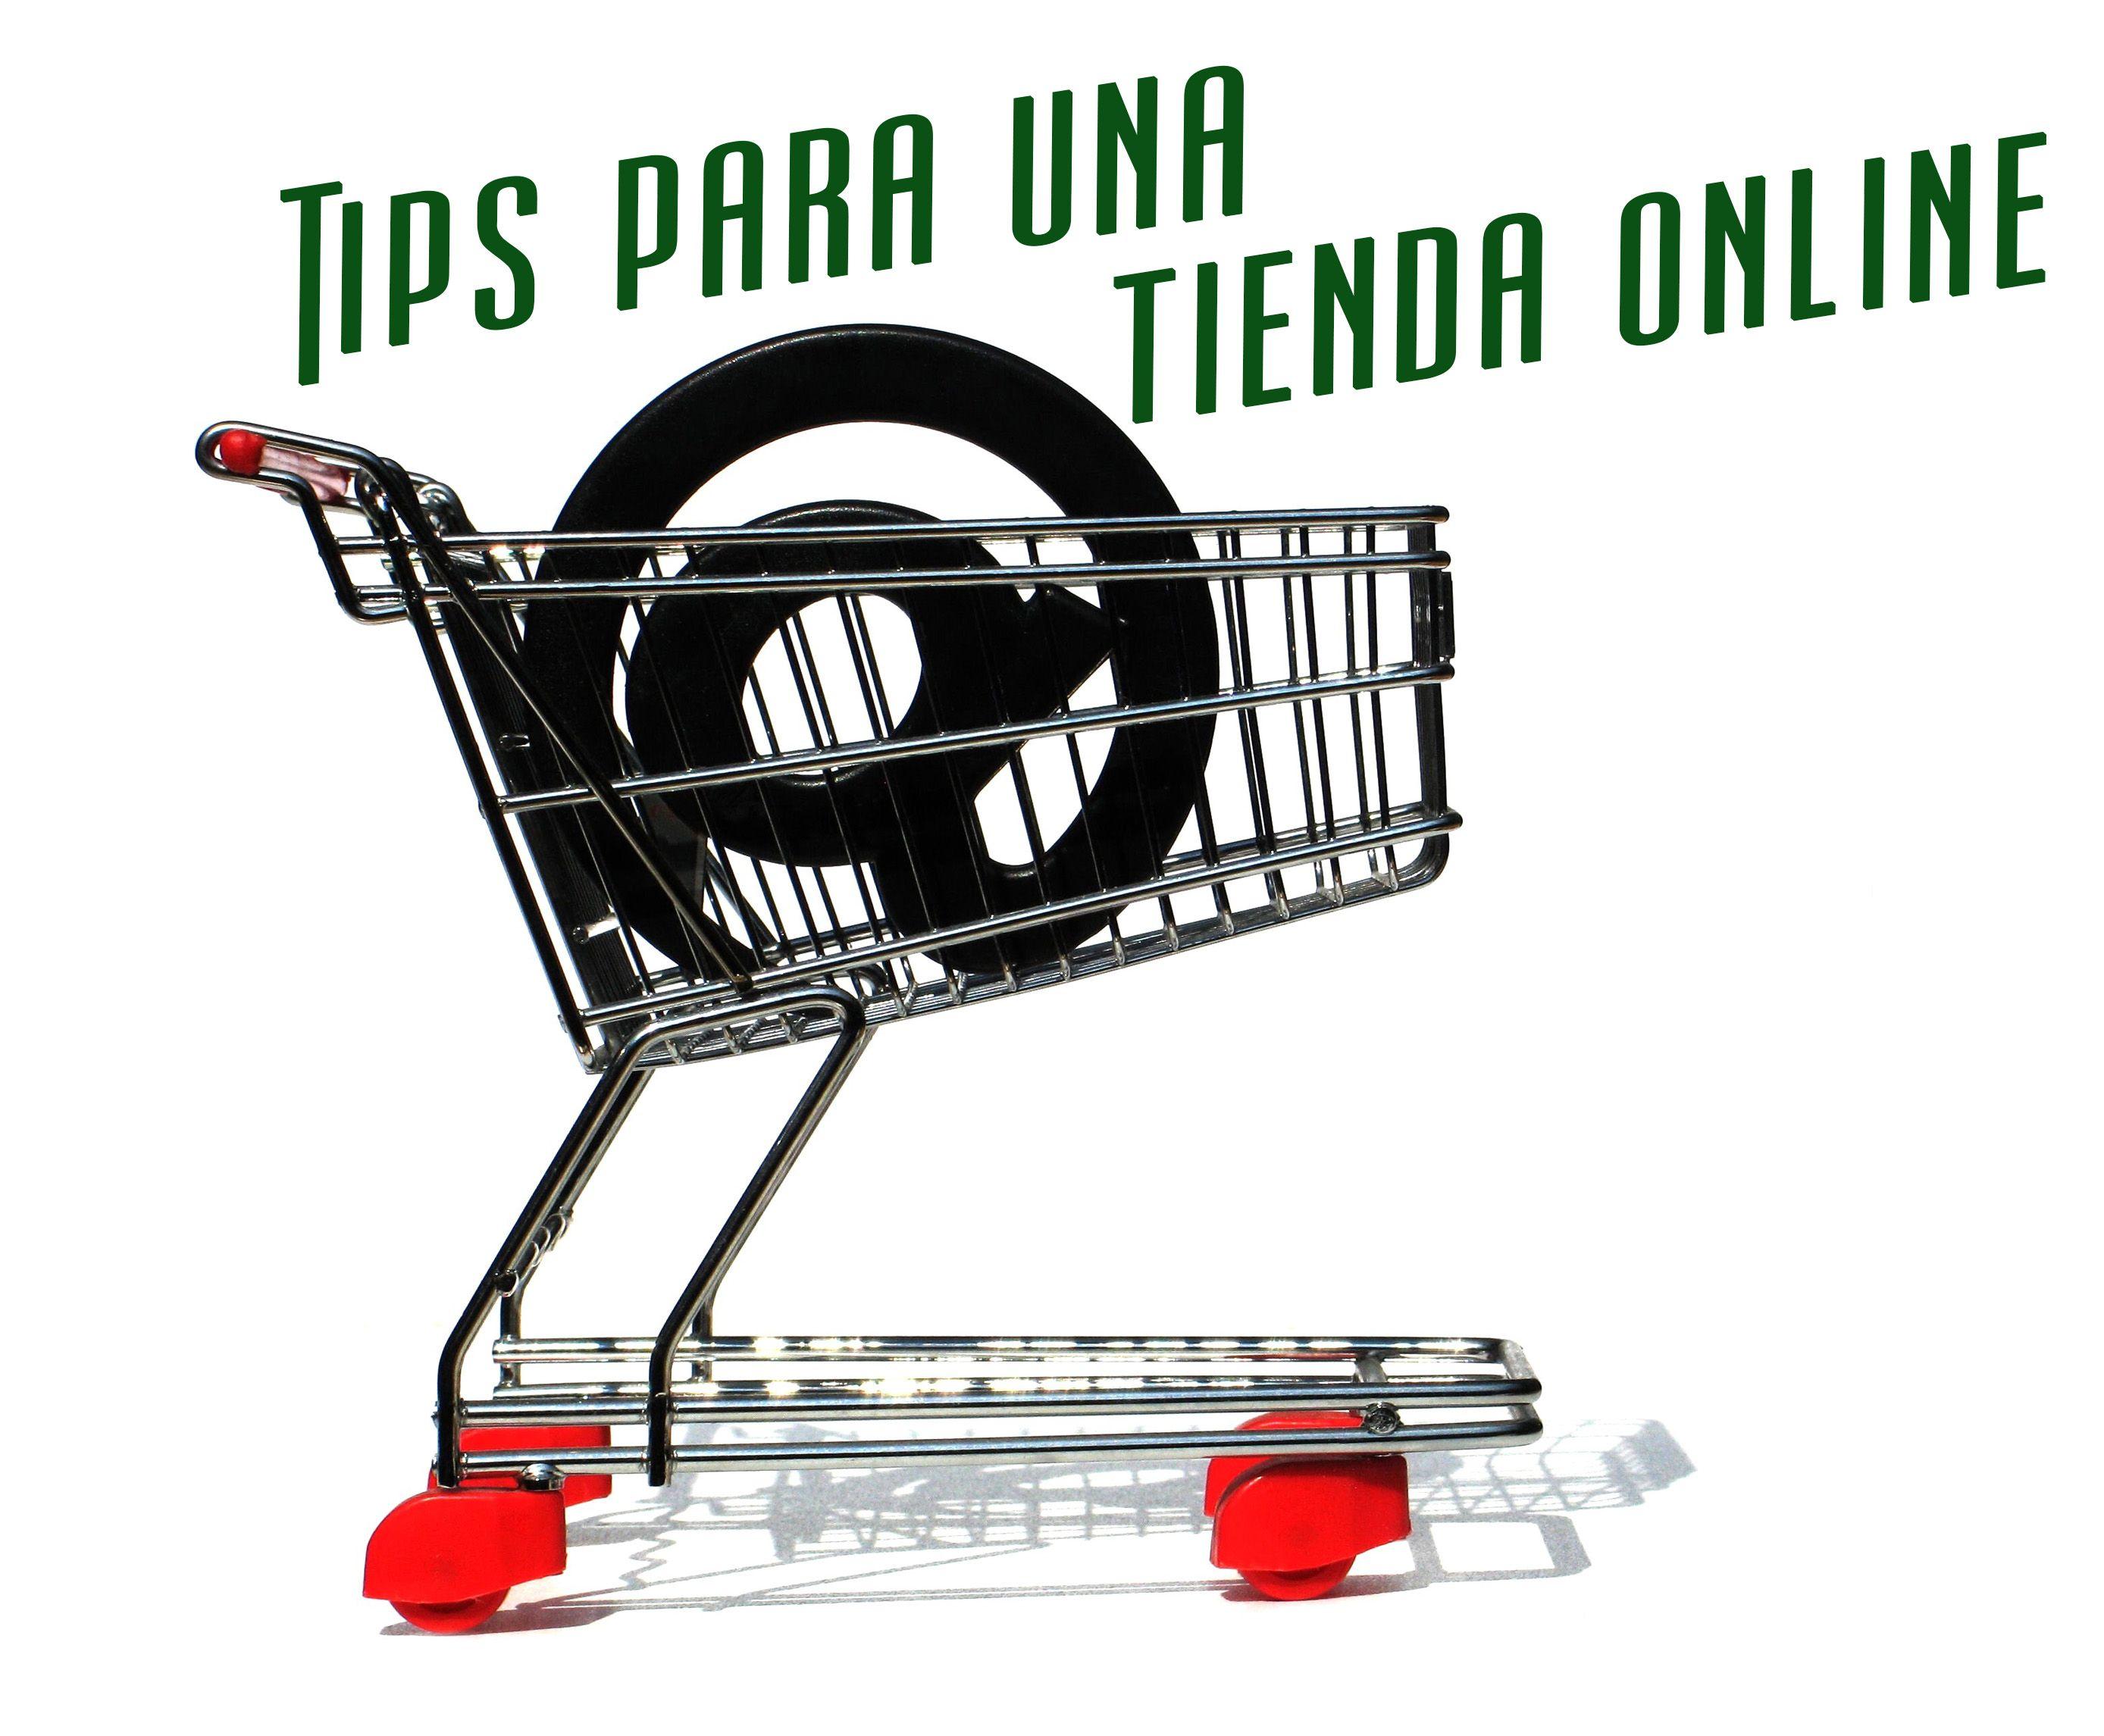 Tips para una tienda online El producto o servicio debe